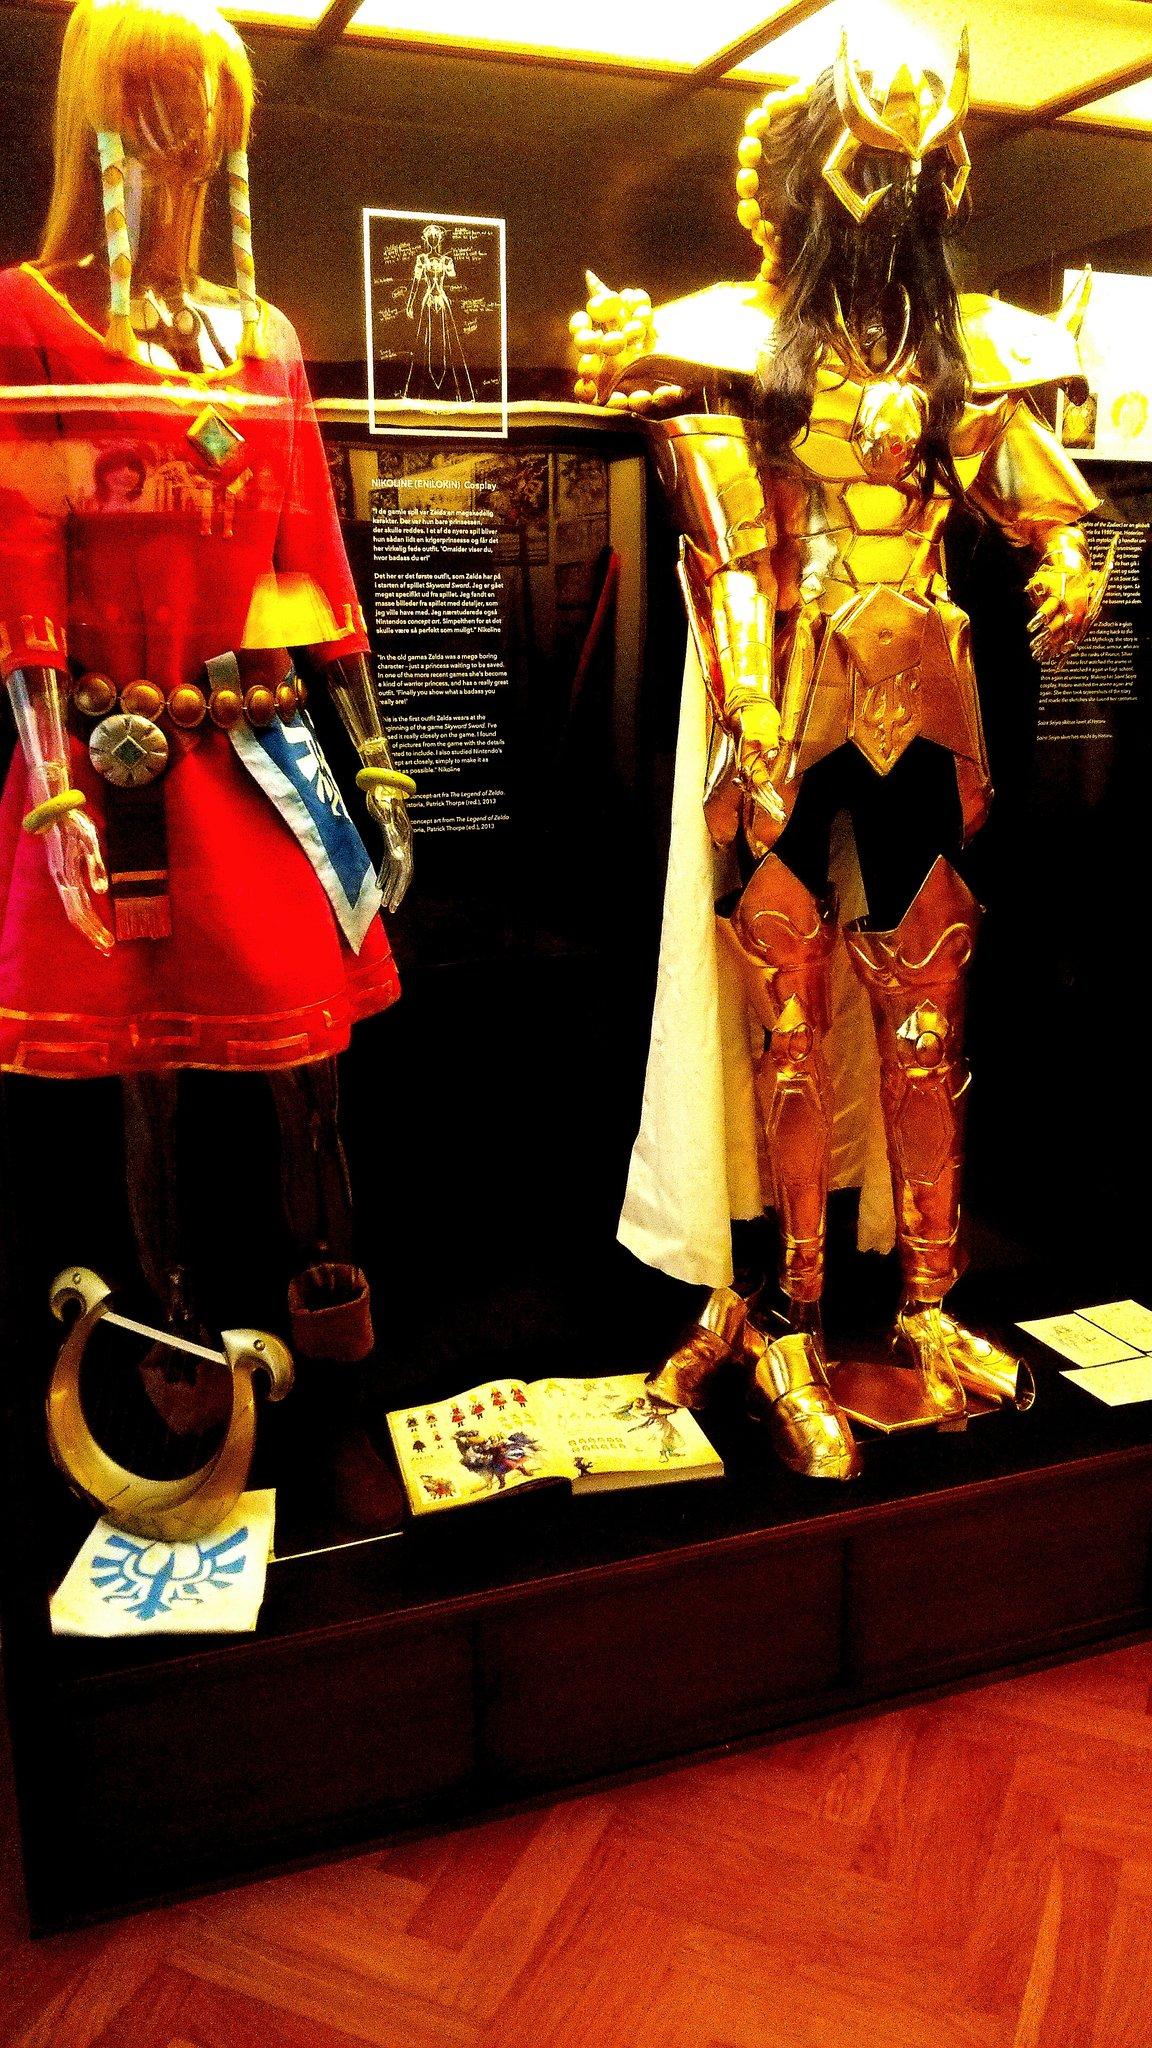 【悲報】デンマーク国立博物館には日本の民族衣装としてゼルダと聖闘士星矢の衣装が展示されているwwwwwwwwwwwwwwwwのサムネイル画像